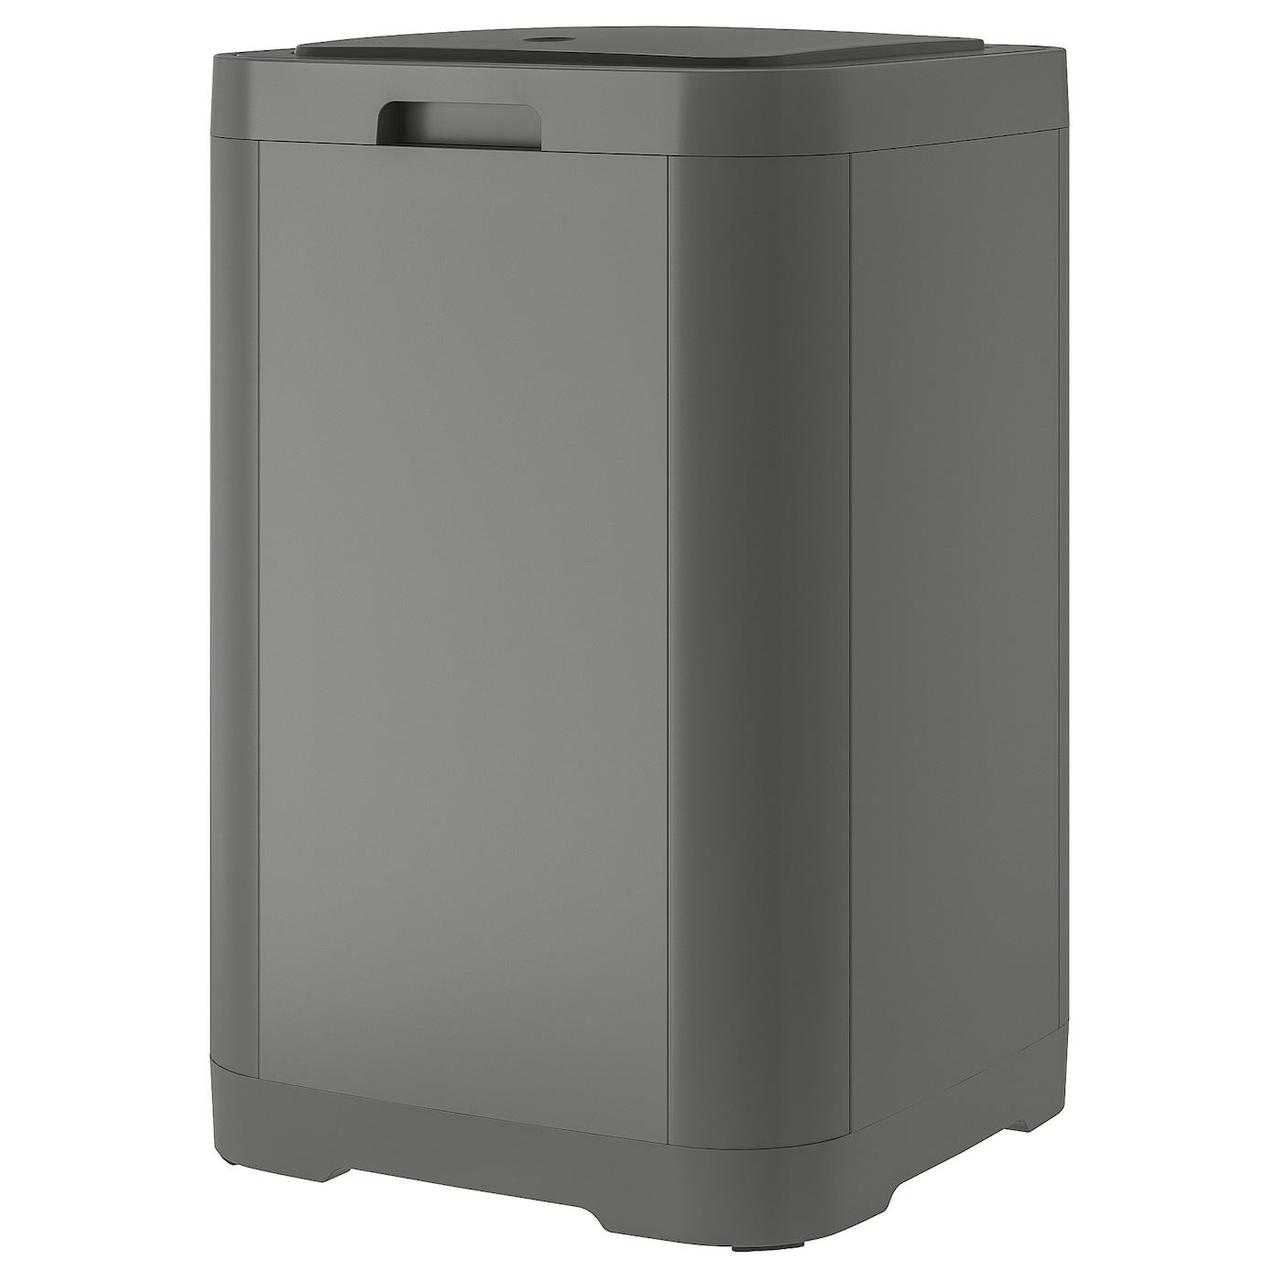 Контейнер с крышкой д/мусора IKEA GIGANTISK темно-серый 60 л 203.140.71